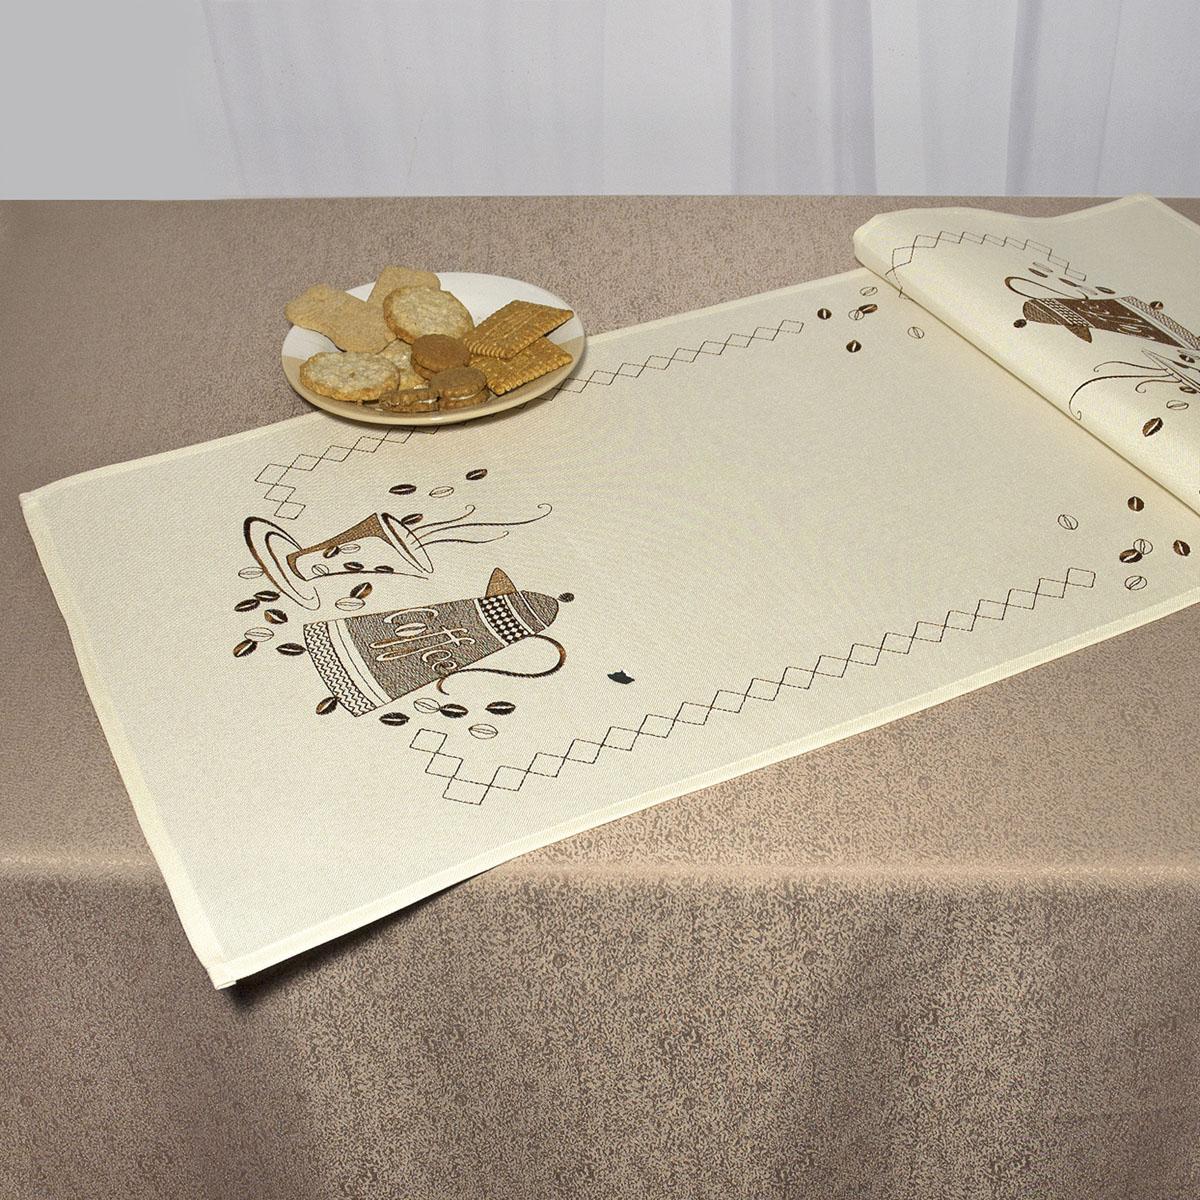 Дорожка для декорирования стола Schaefer, прямоугольная, цвет: кремовый, коричневый, 40 x 110 см 07479-23307479-233Дорожка Schaefer выполнена из высококачественного полиэстера и украшена вышитым рисунком. Вы можете использовать дорожку для декорирования стола, комода или журнального столика.Благодаря такой дорожке вы защитите поверхность мебели от воды, пятен и механических воздействий, а также создадите атмосферу уюта и домашнего тепла в интерьере вашей квартиры. Изделия из искусственных волокон легко стирать: они не мнутся, не садятся и быстро сохнут, они более долговечны, чем изделия из натуральных волокон. Изысканный текстиль от немецкой компании Schaefer - это красота, стиль и уют в вашем доме. Дорожка органично впишется в интерьер любого помещения, а оригинальный дизайн удовлетворит даже самый изысканный вкус. Дарите себе и близким красоту каждый день!